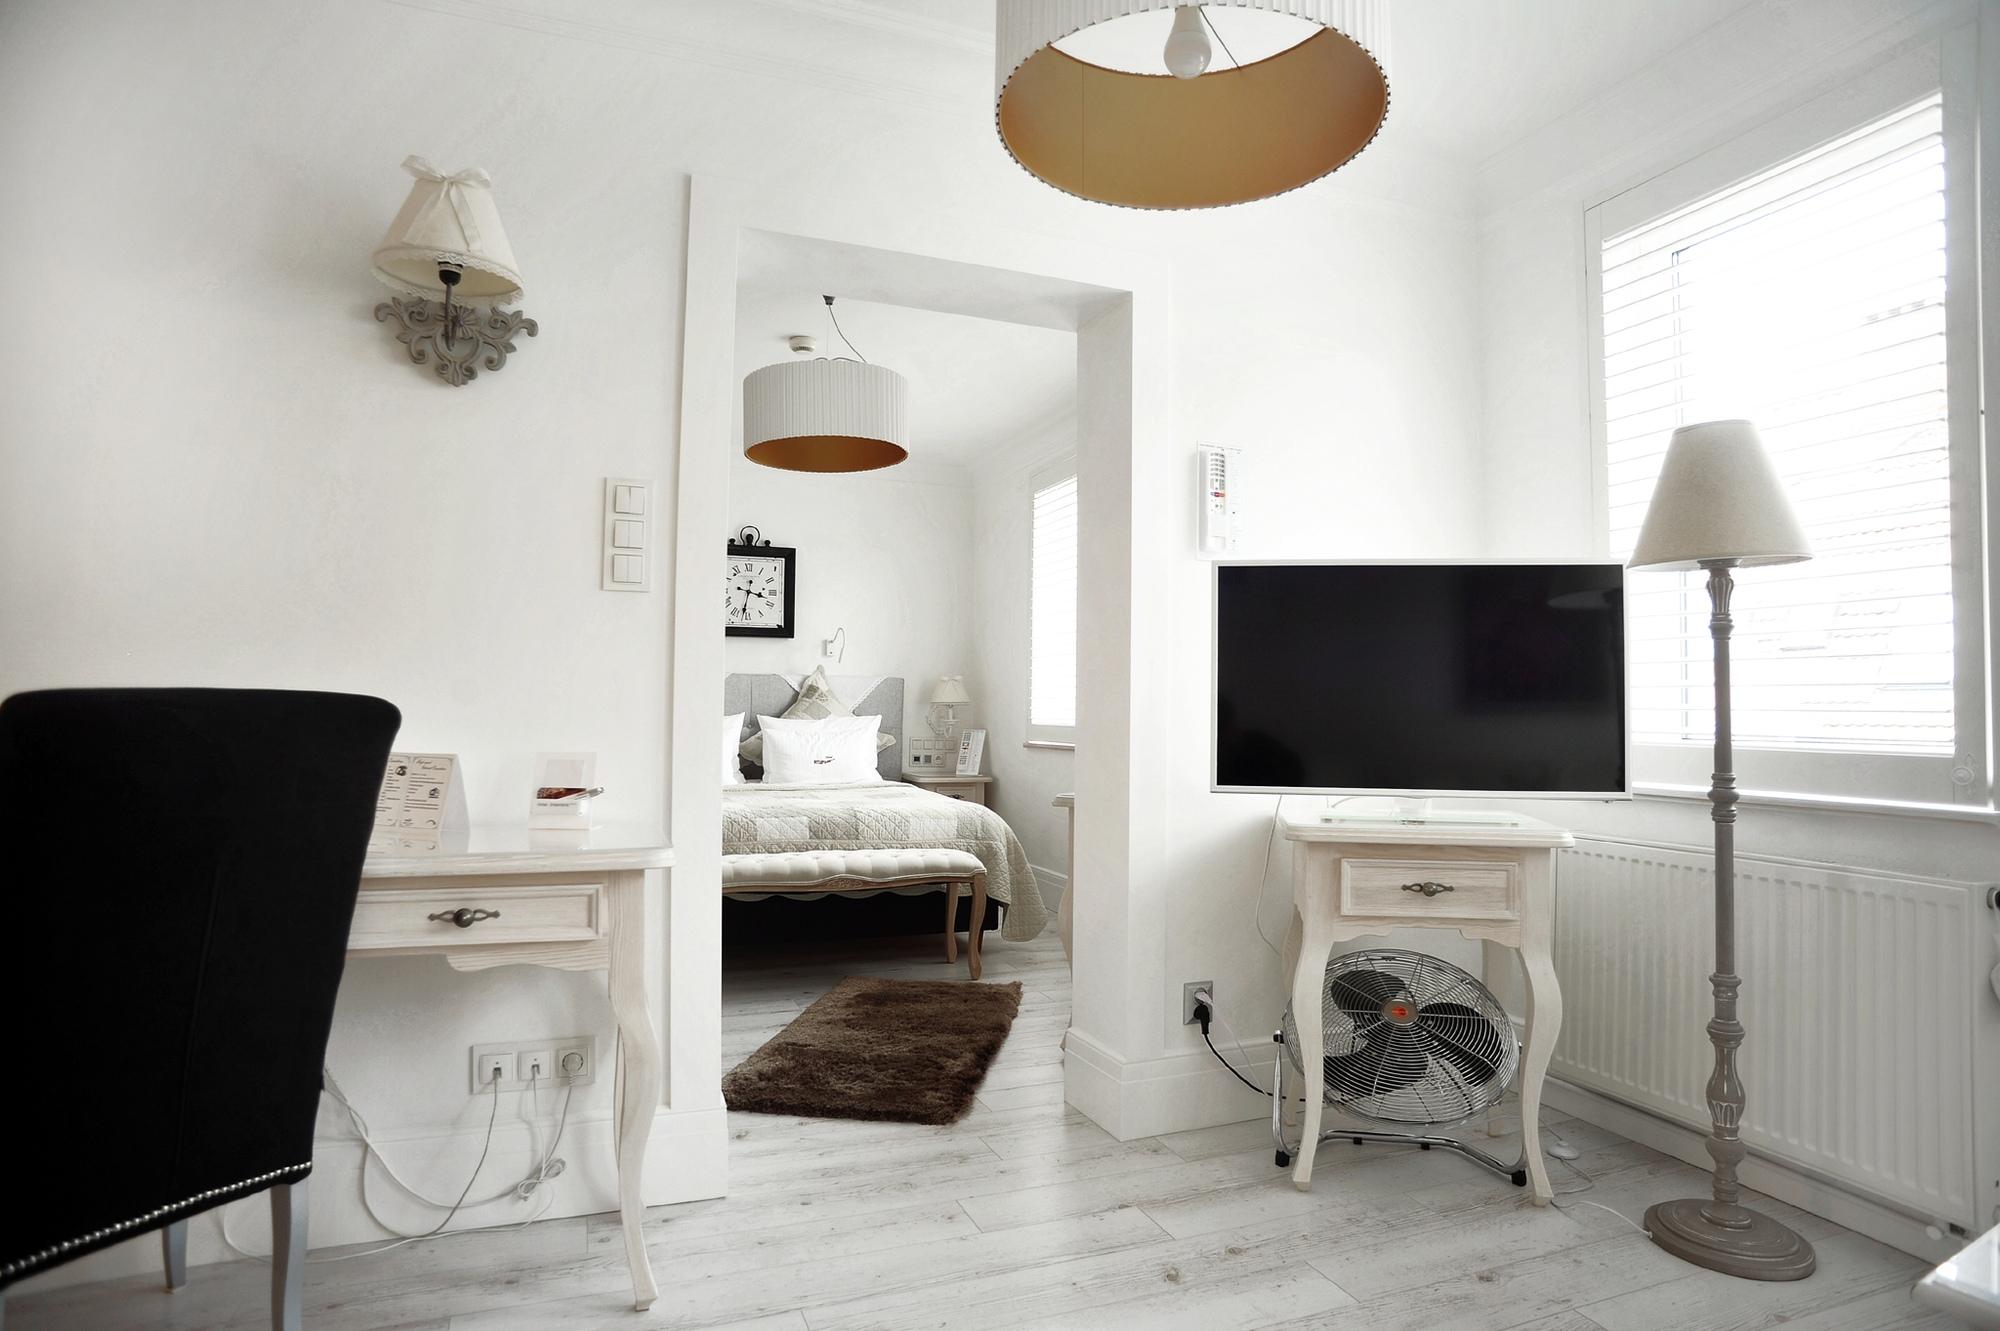 apartament-307 (1)